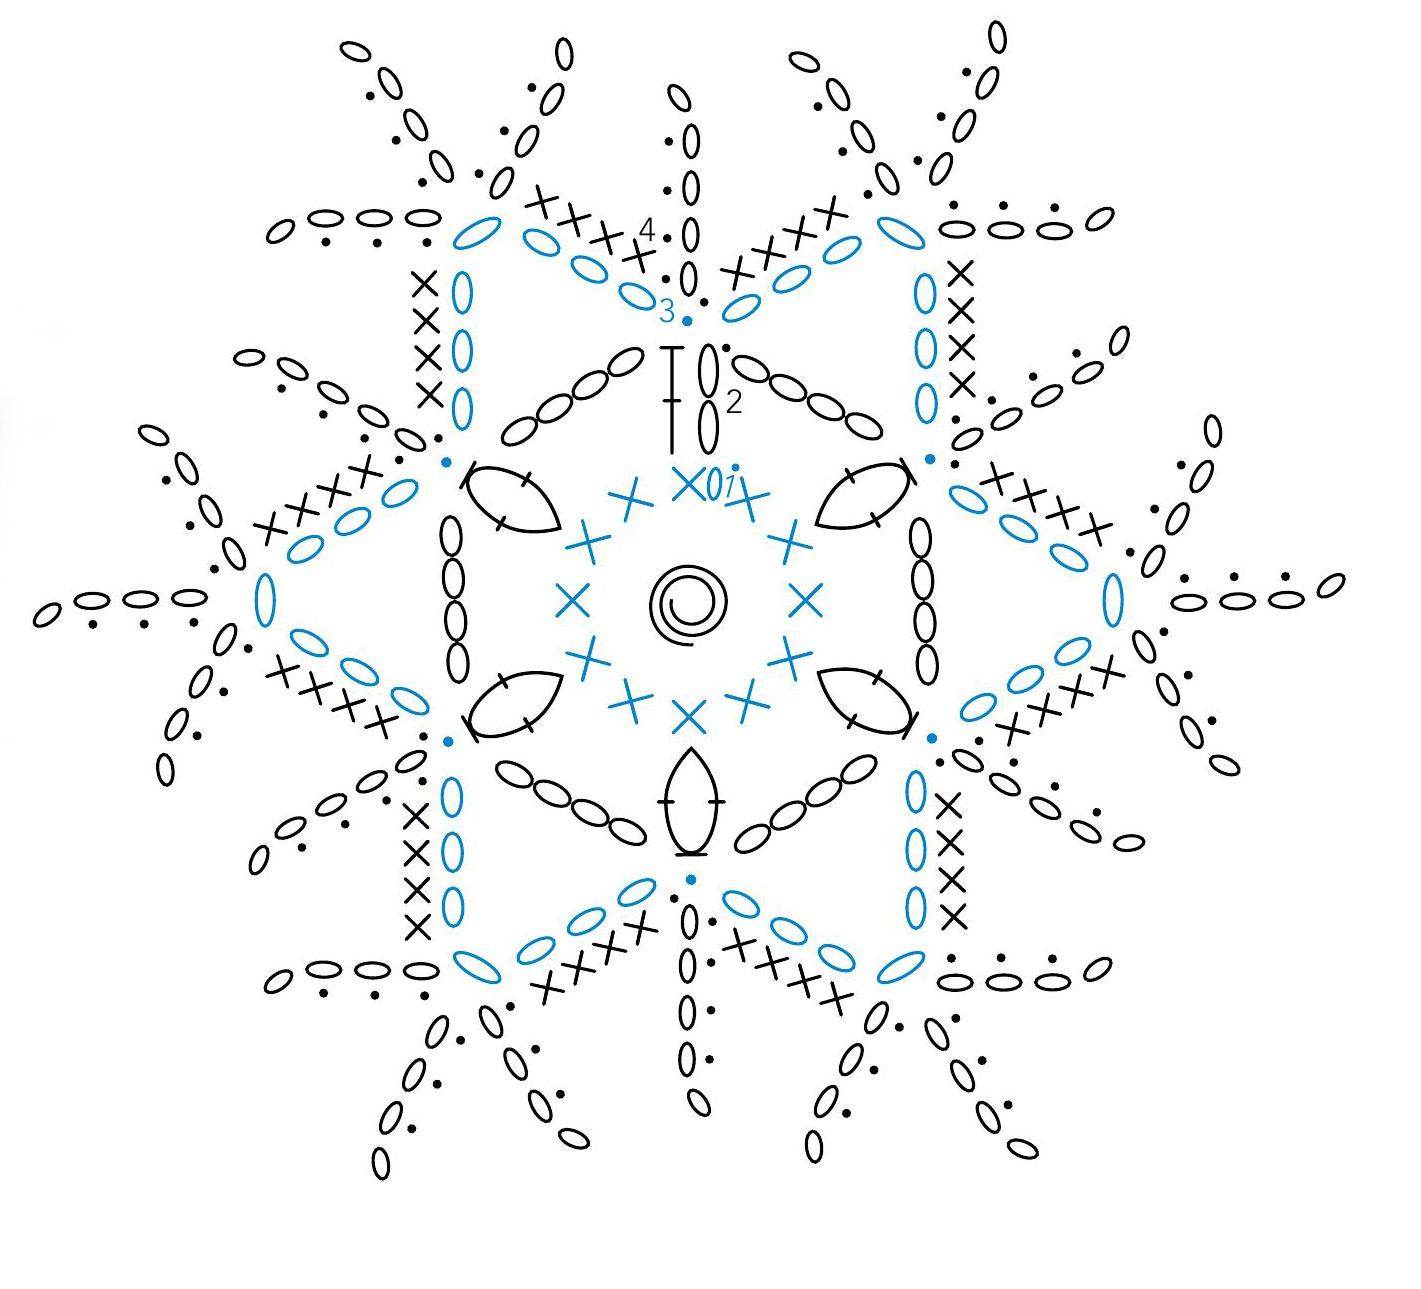 Snowflake Crochet Diagram ⋆ Crochet Kingdom